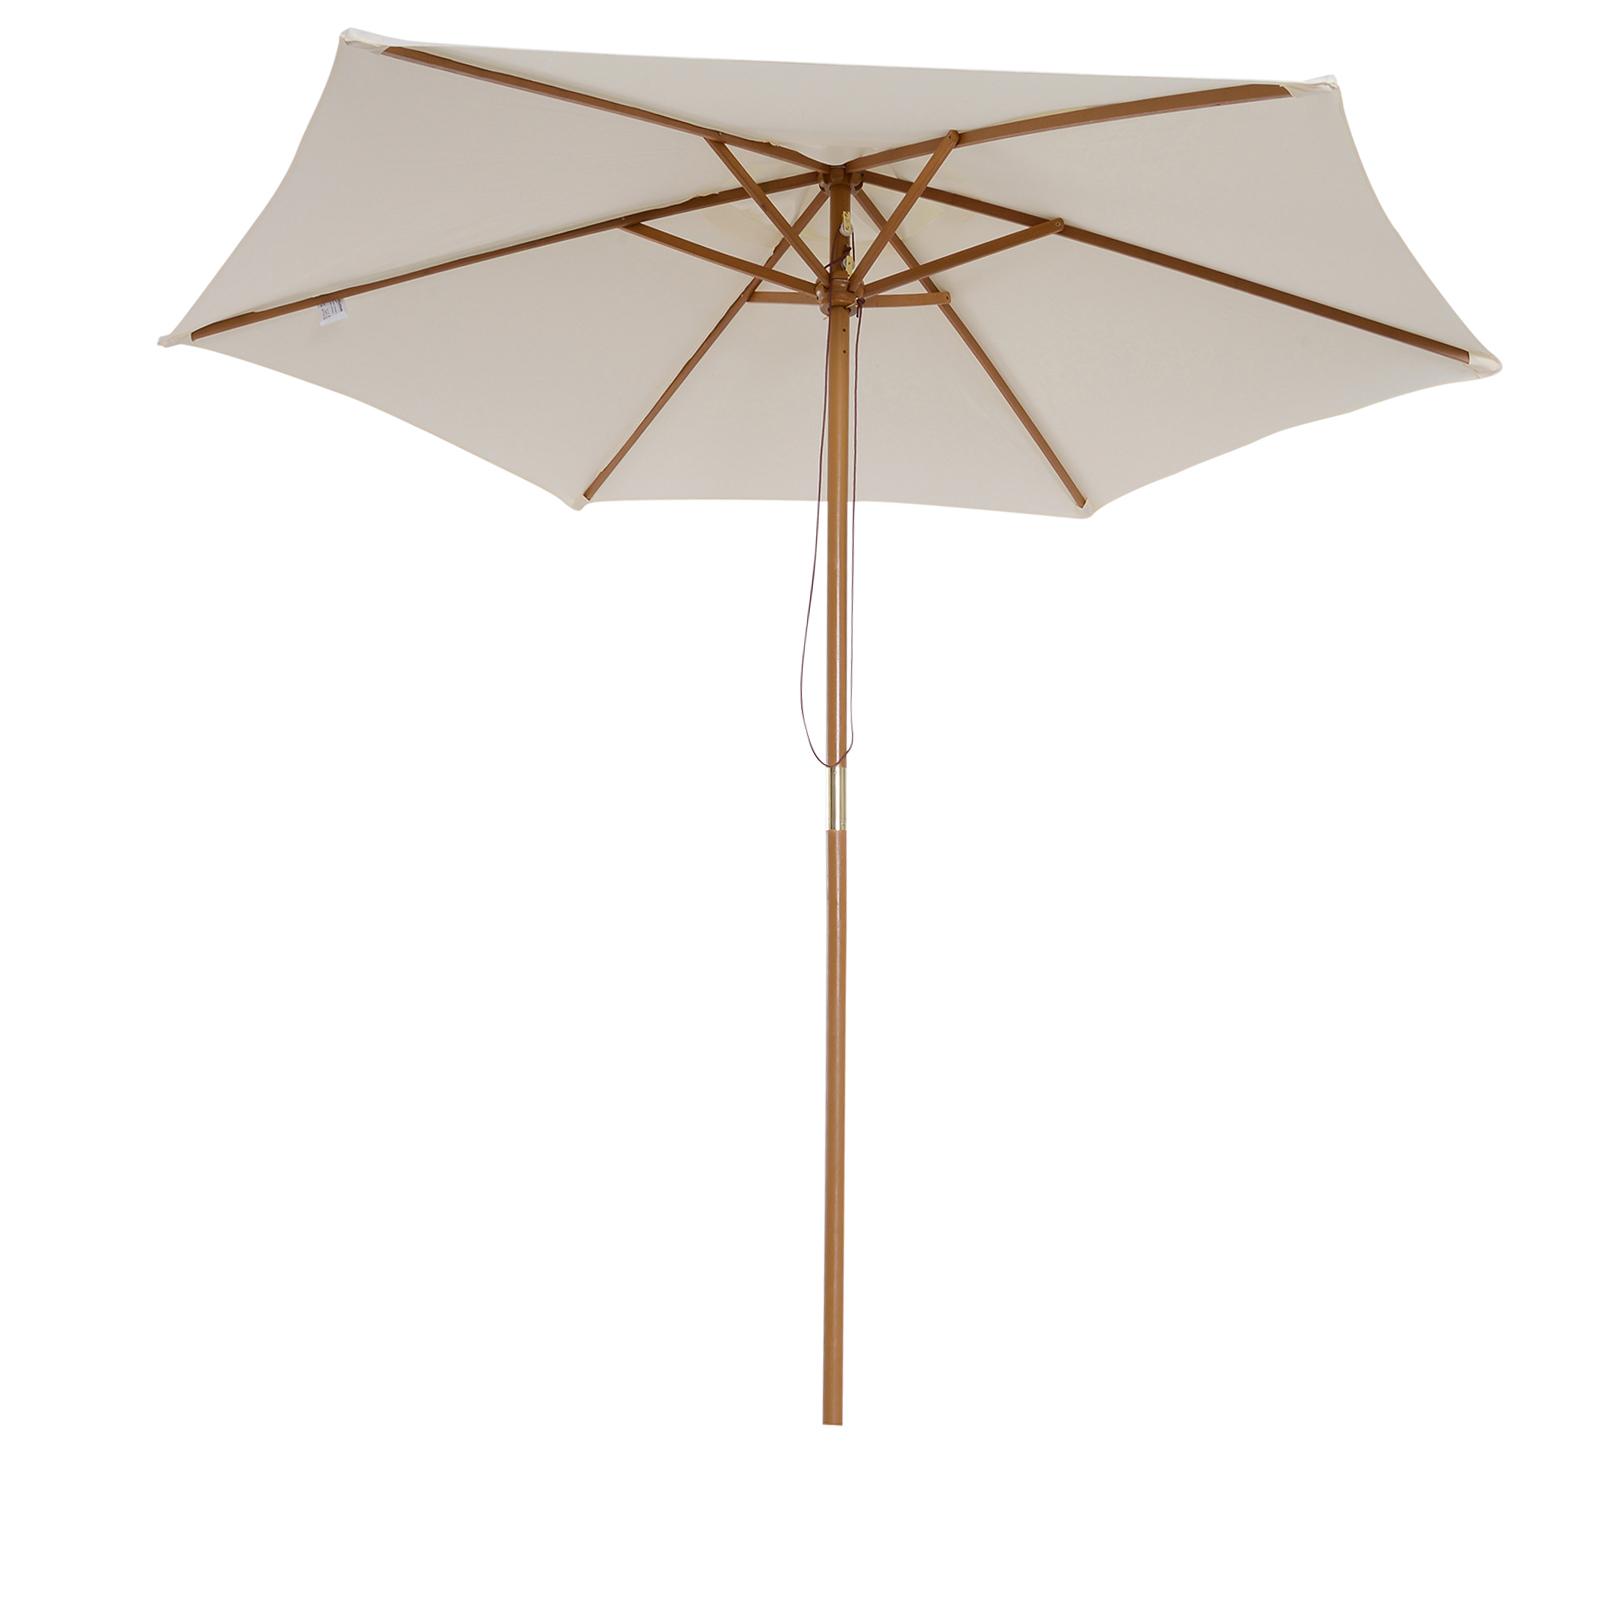 Outsunny Umbrelă Soare pentru Extern cu Suport din Lemn pentru Extern şi pentru Grădină 2.5X2.5M Crem imagine aosom.ro